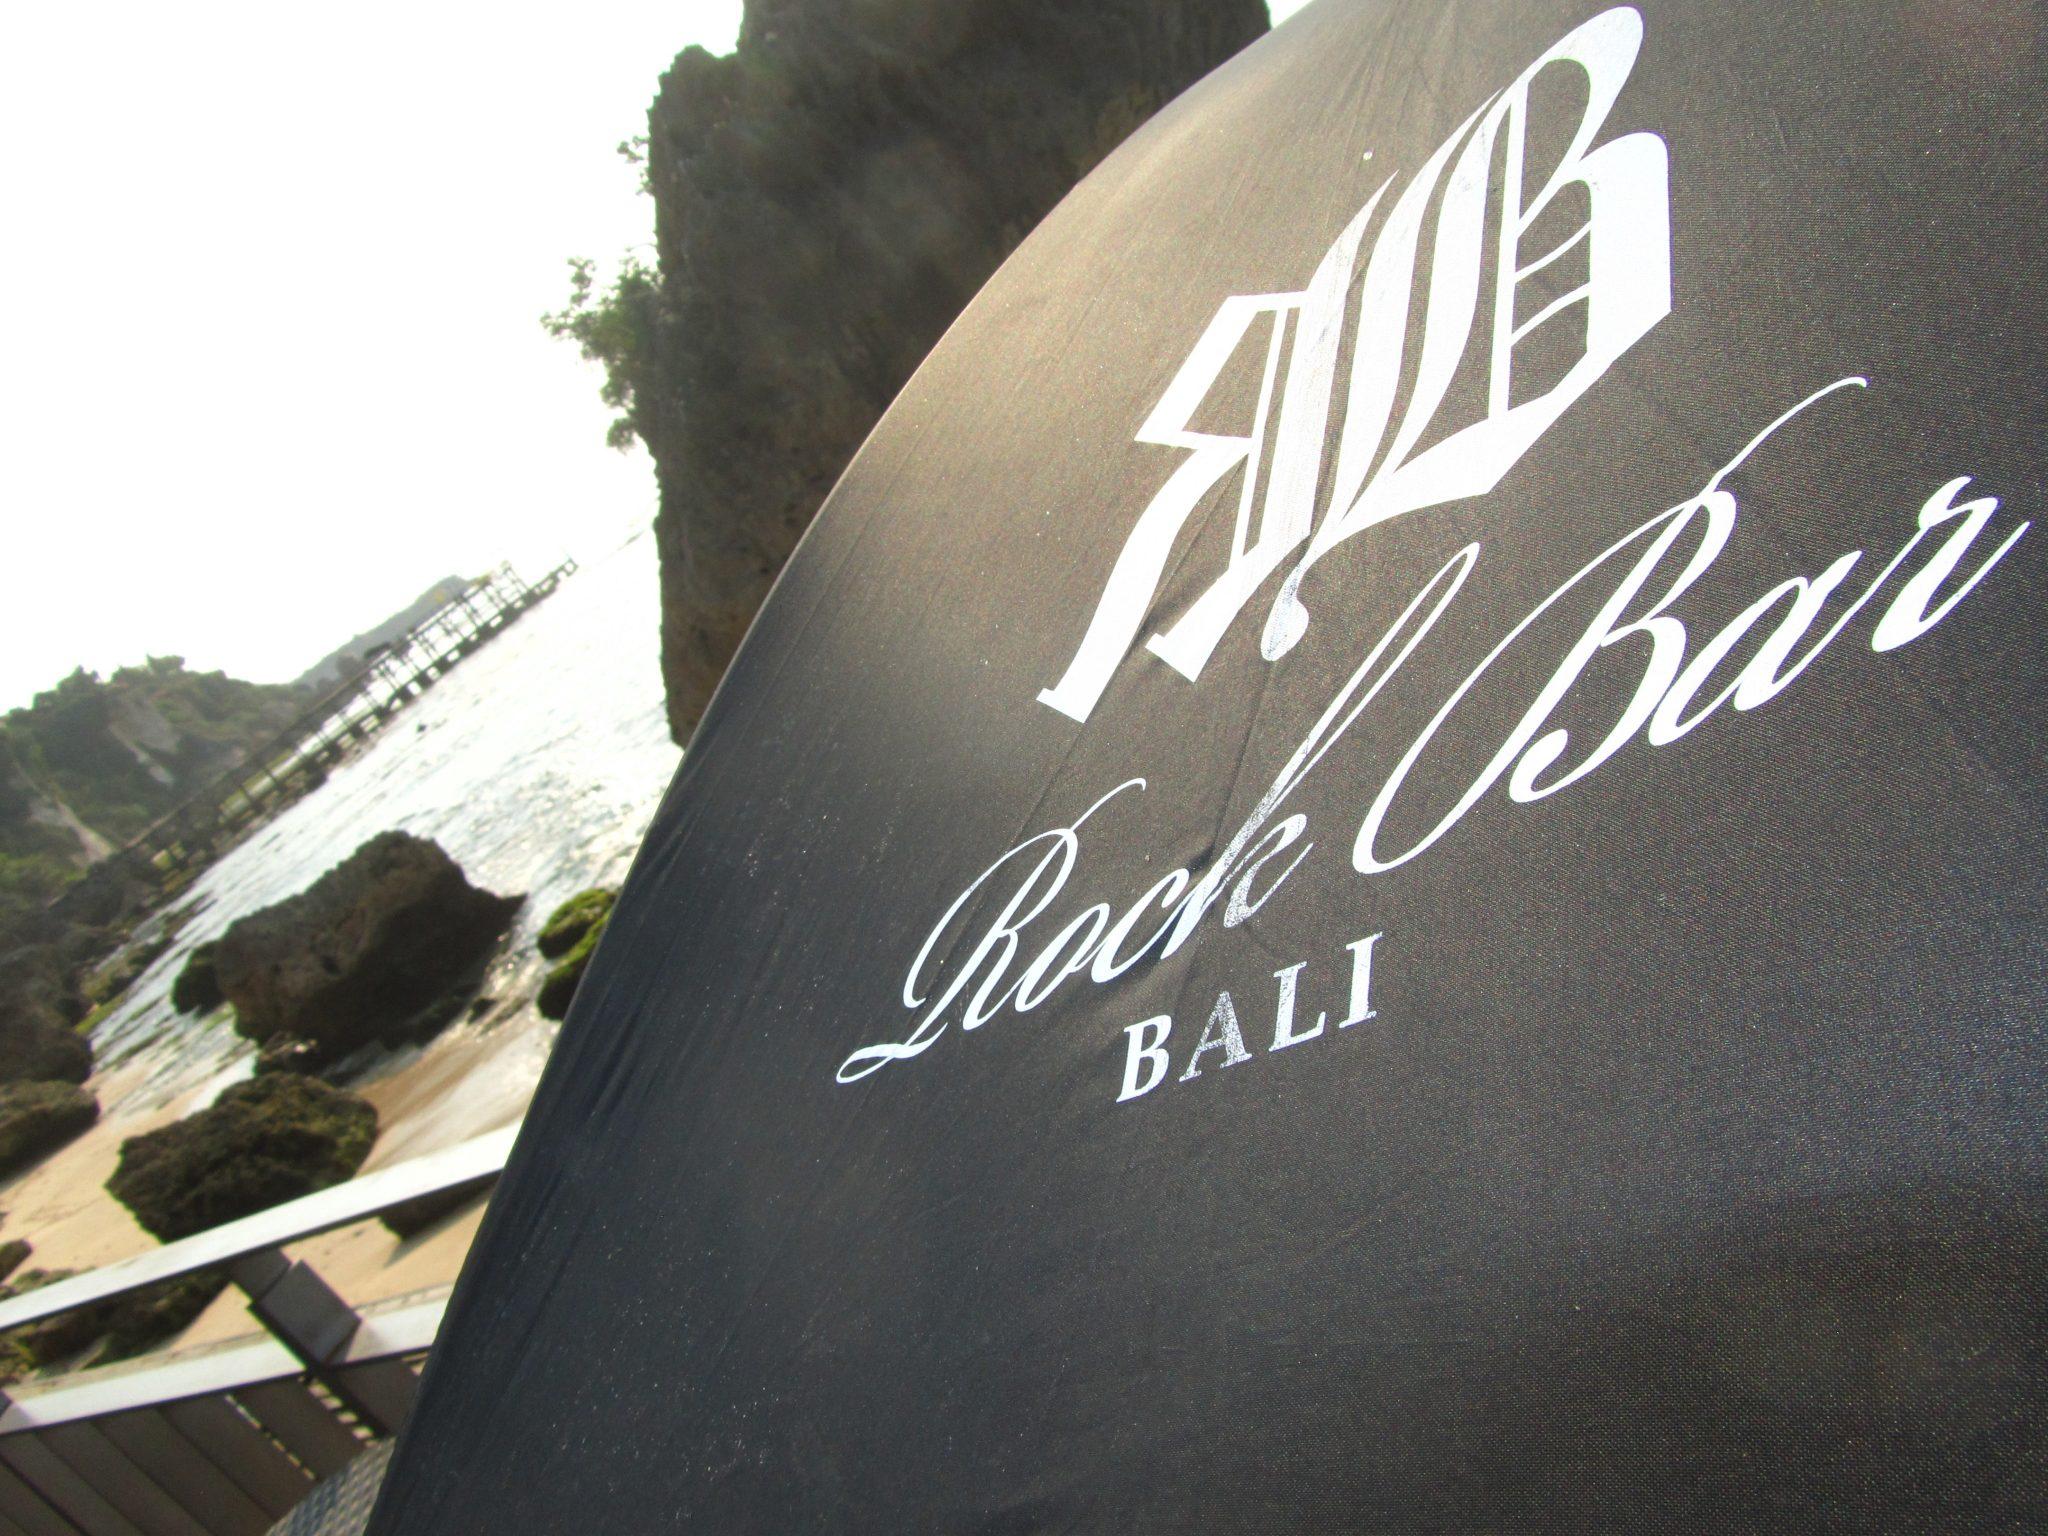 Umbrella at The Rock Bar, Bali